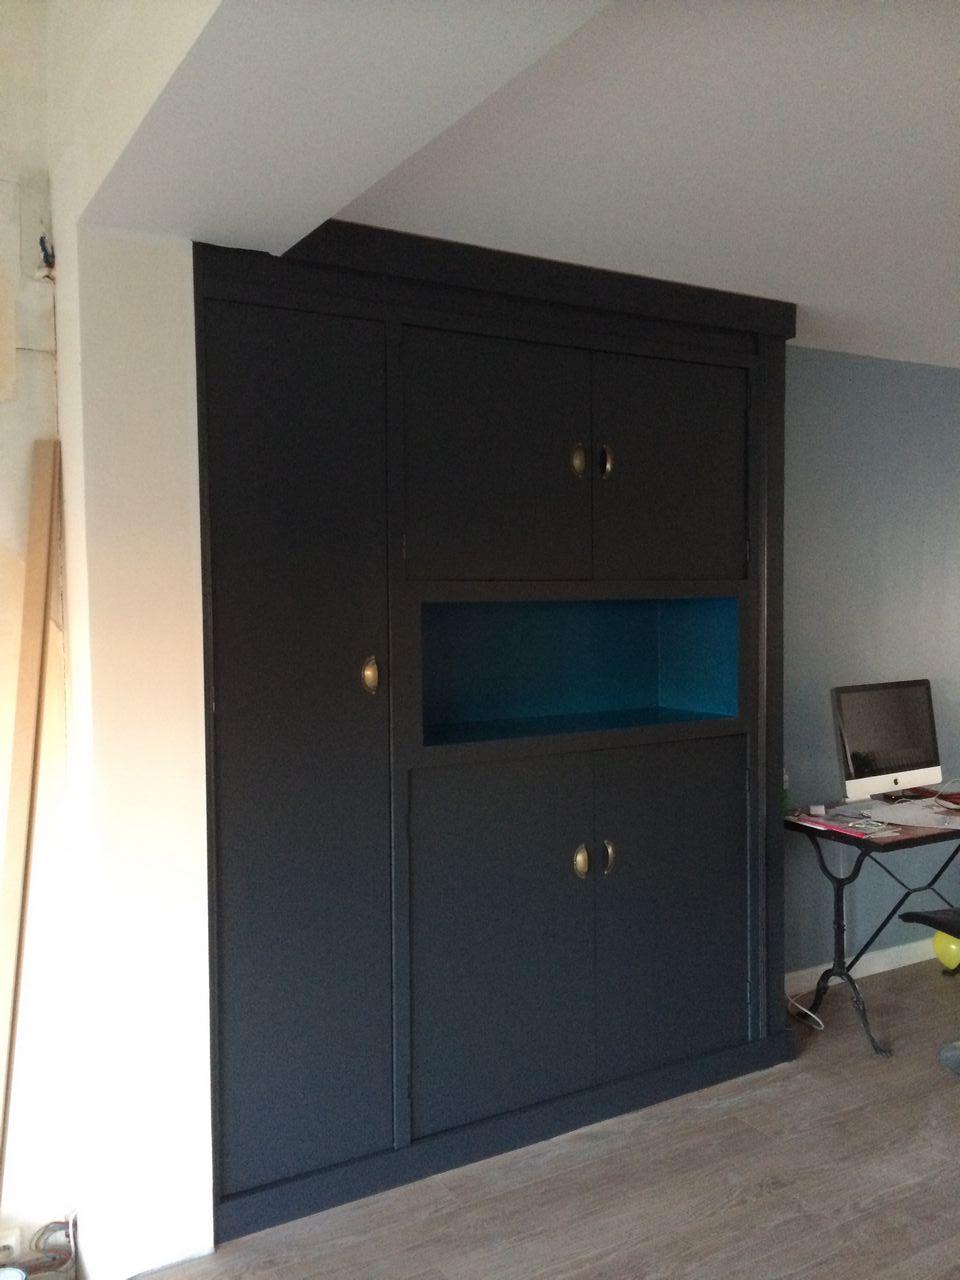 Aménagement intérieur  Création dun meuble placard  Alvea design  Déc -> Meuble Placard